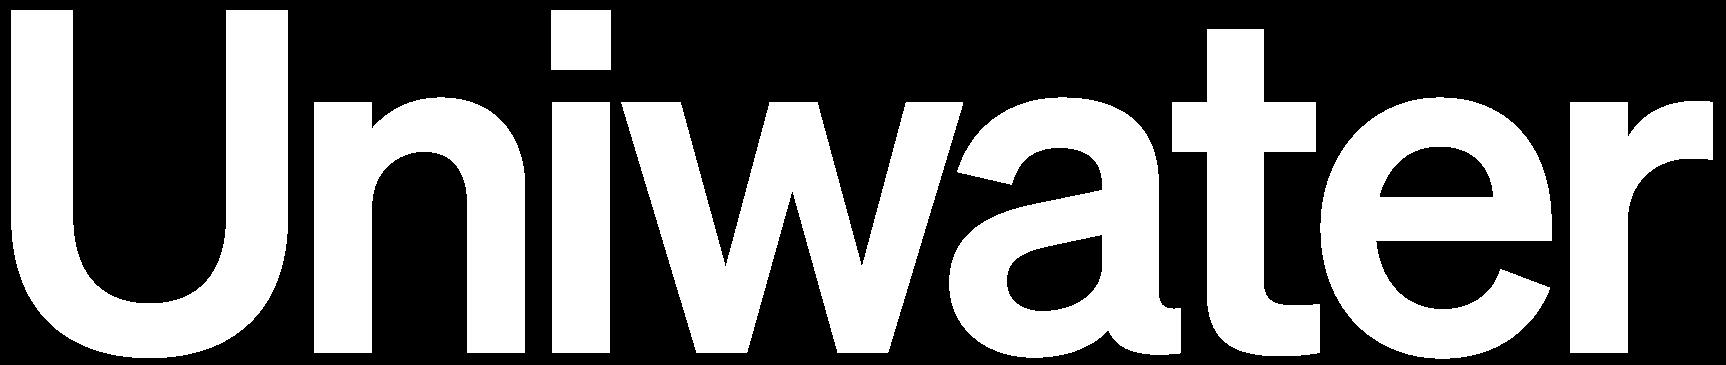 Uniwater logo